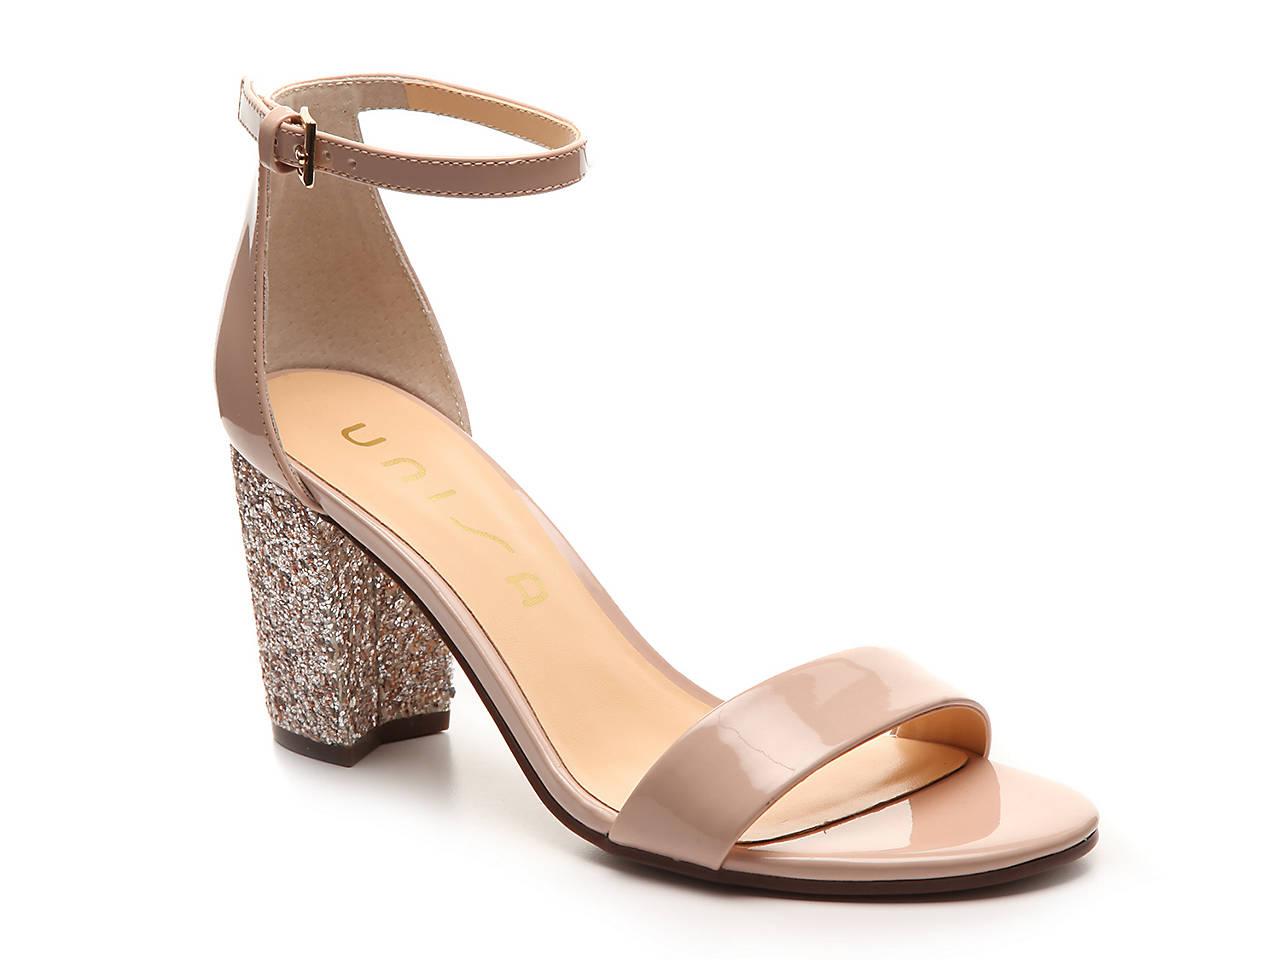 383bc68d5edf Unisa Daicy Sandal Women's Shoes | DSW